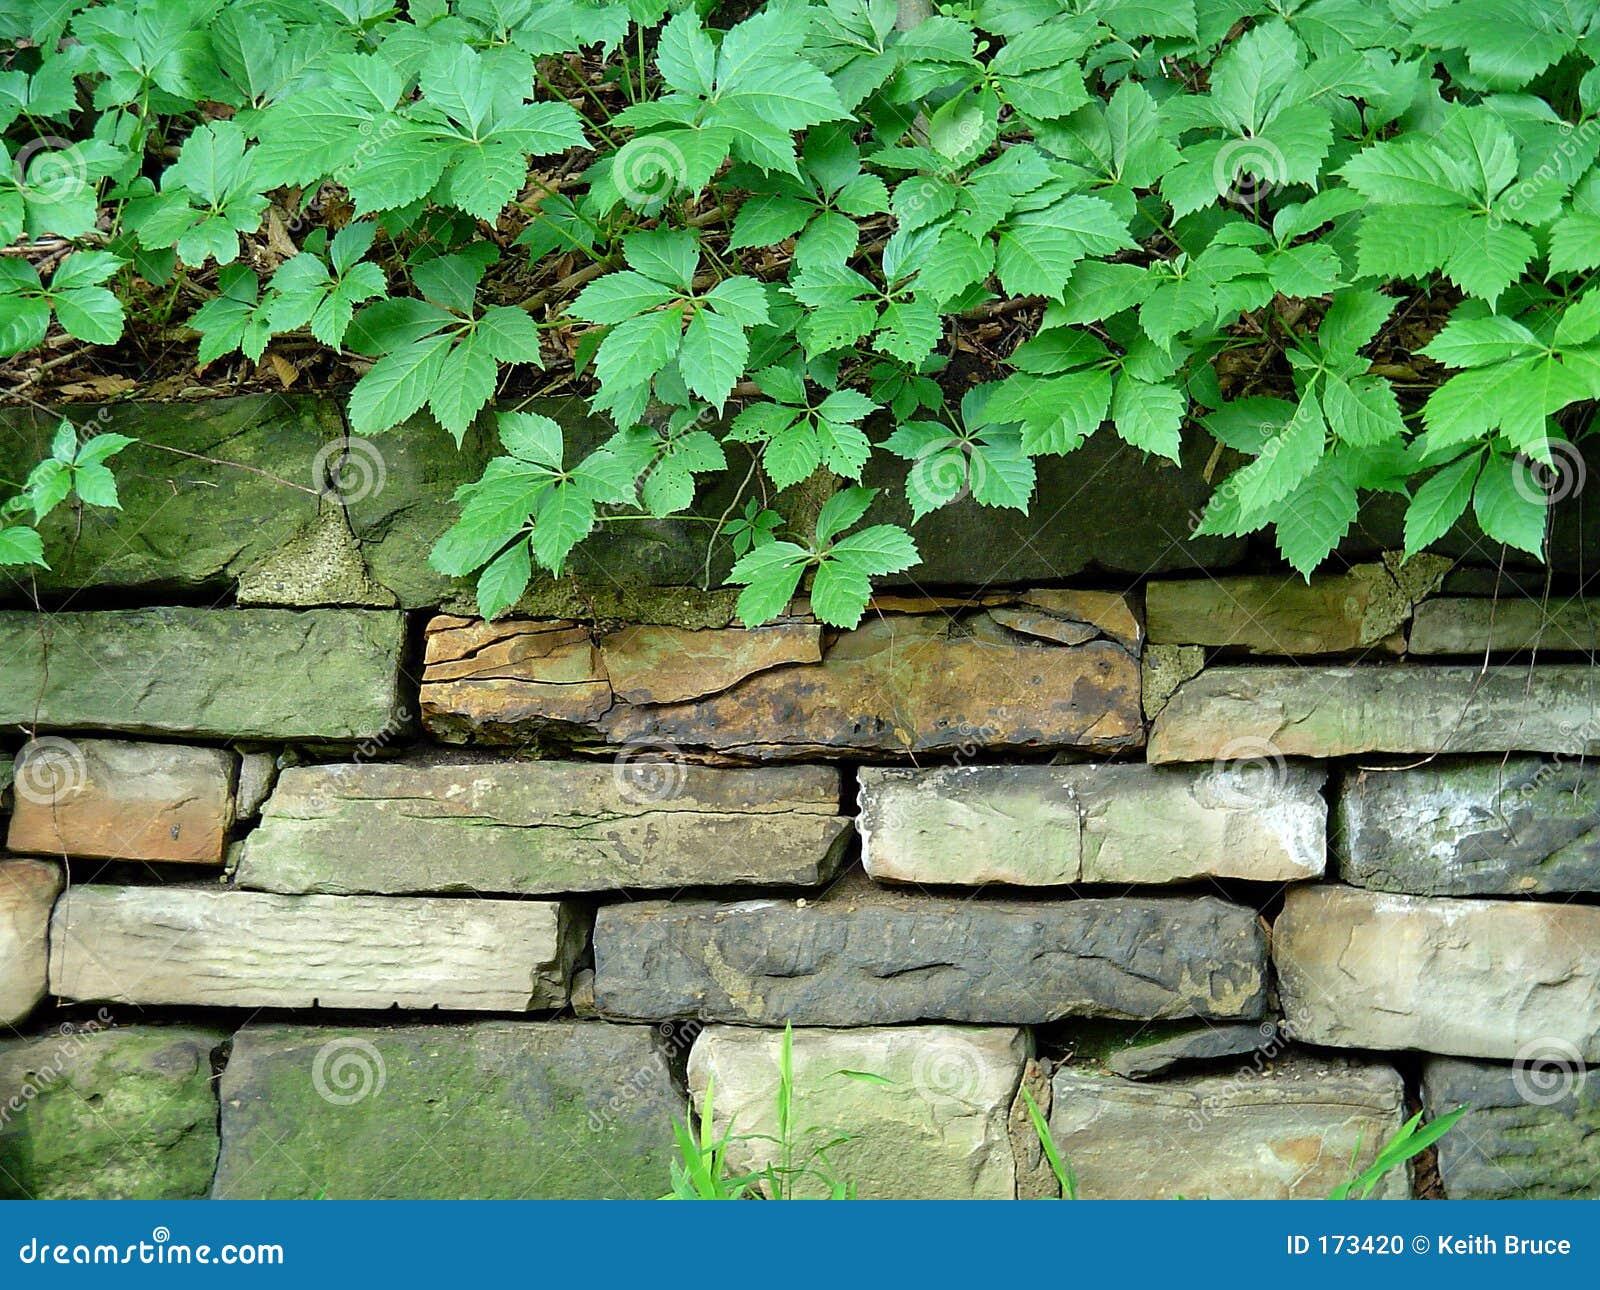 Leafy Stone Wall